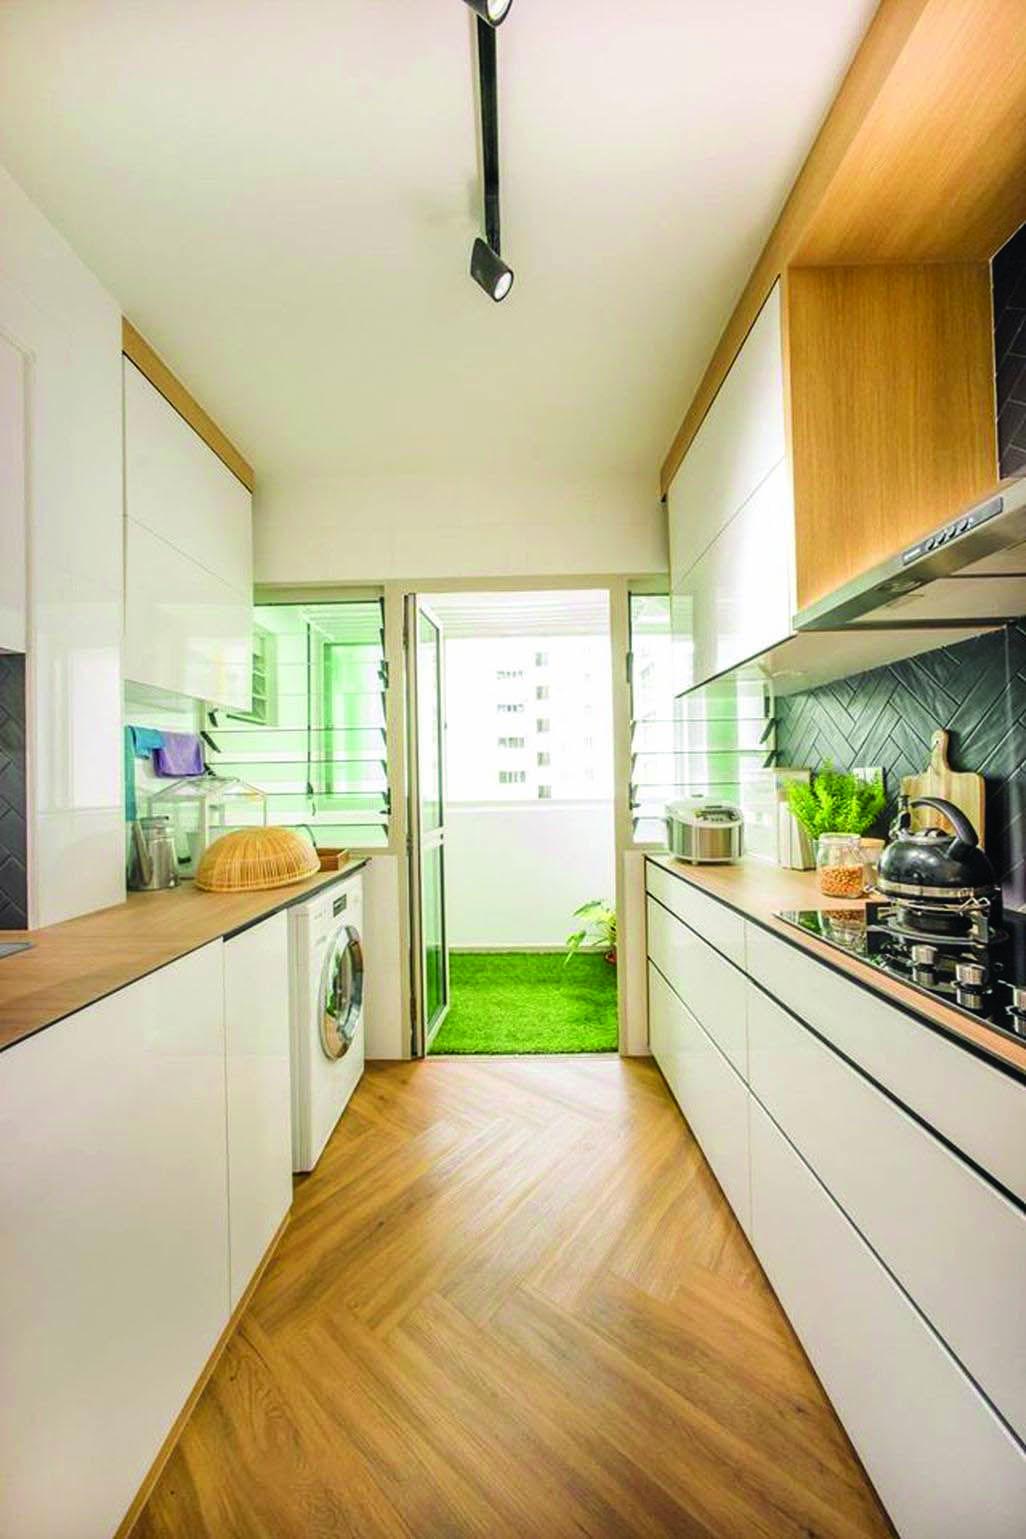 Inspiring Minimalist Kitchen Designs for Modern Homes